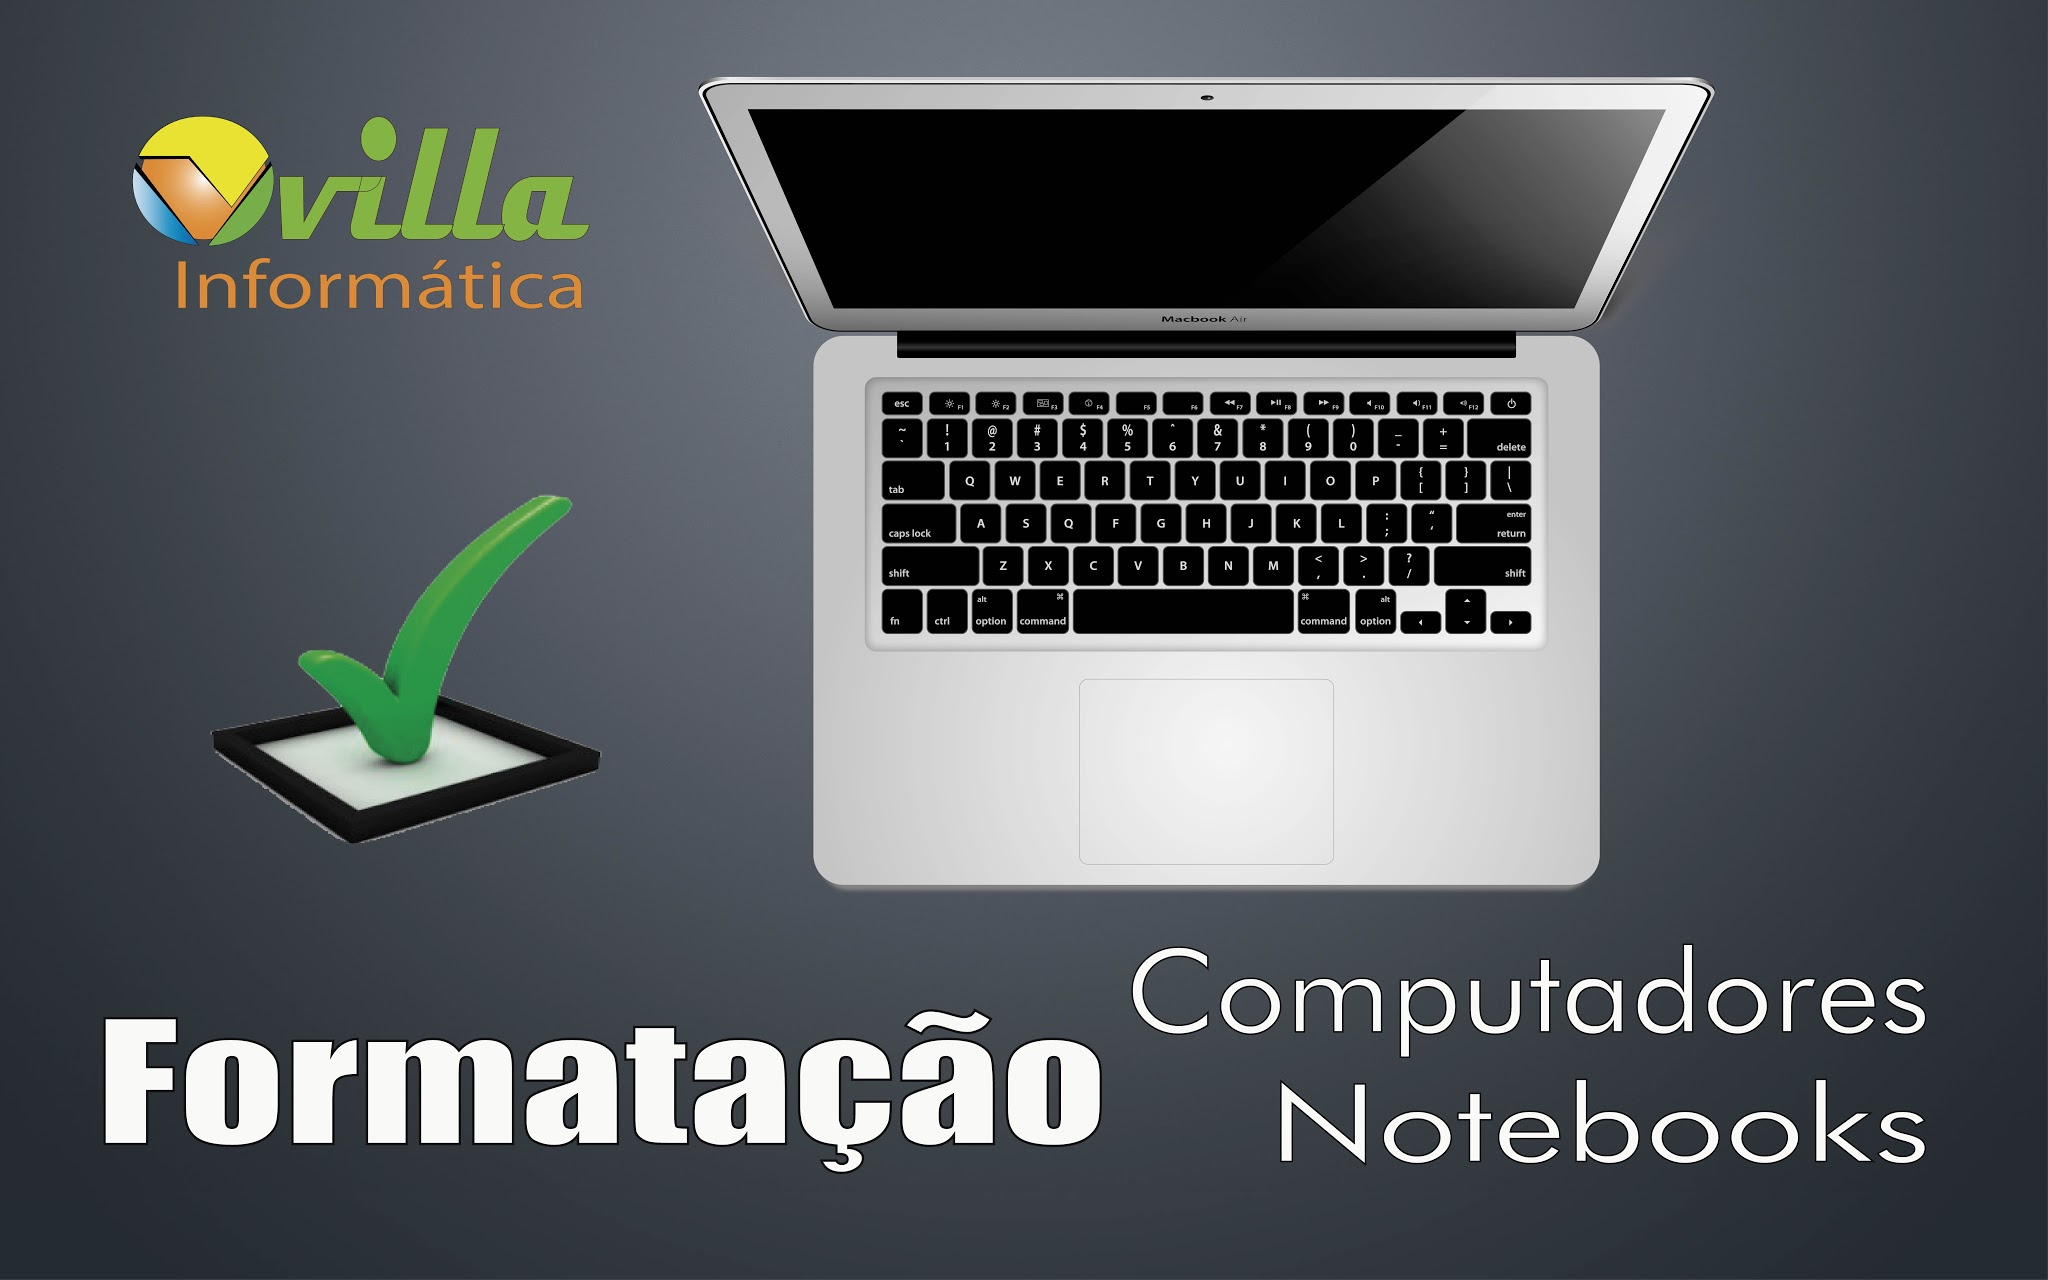 Formatação de Notebooks